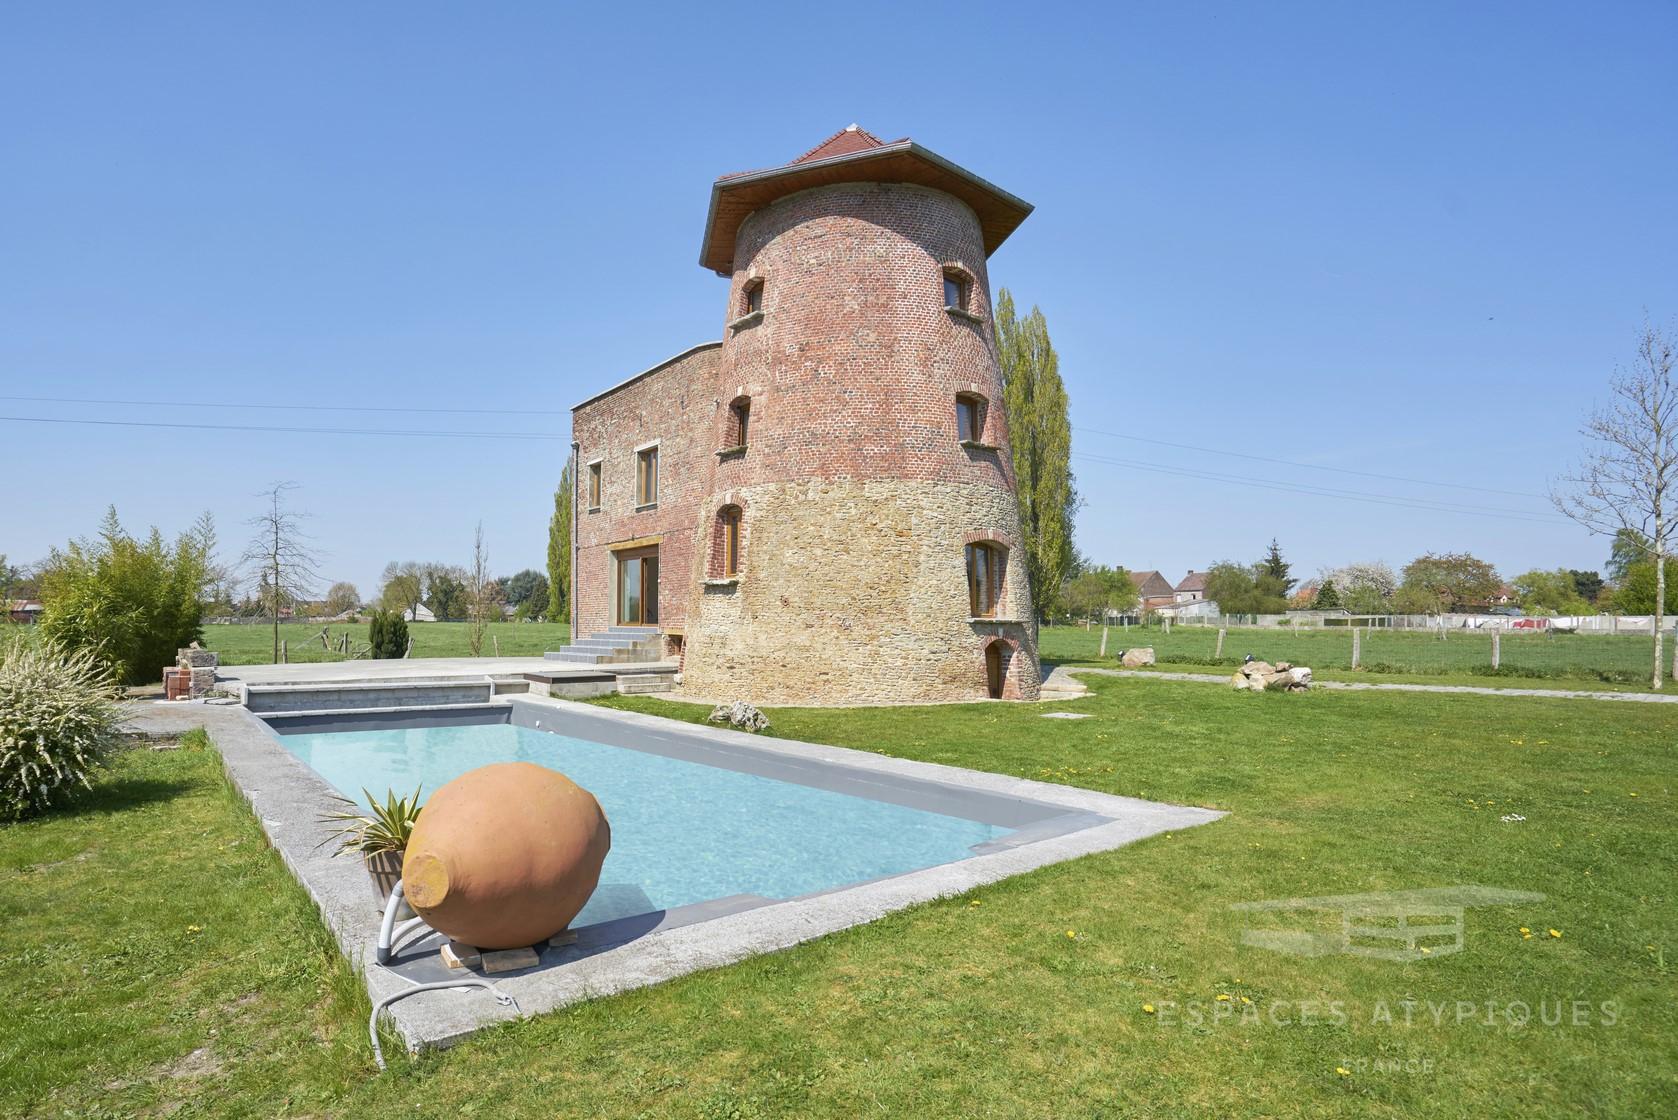 Renaissance D'un Moulin De M² Avec Piscine Extérieure À Hergnies destiné Piscine St Amand Les Eaux